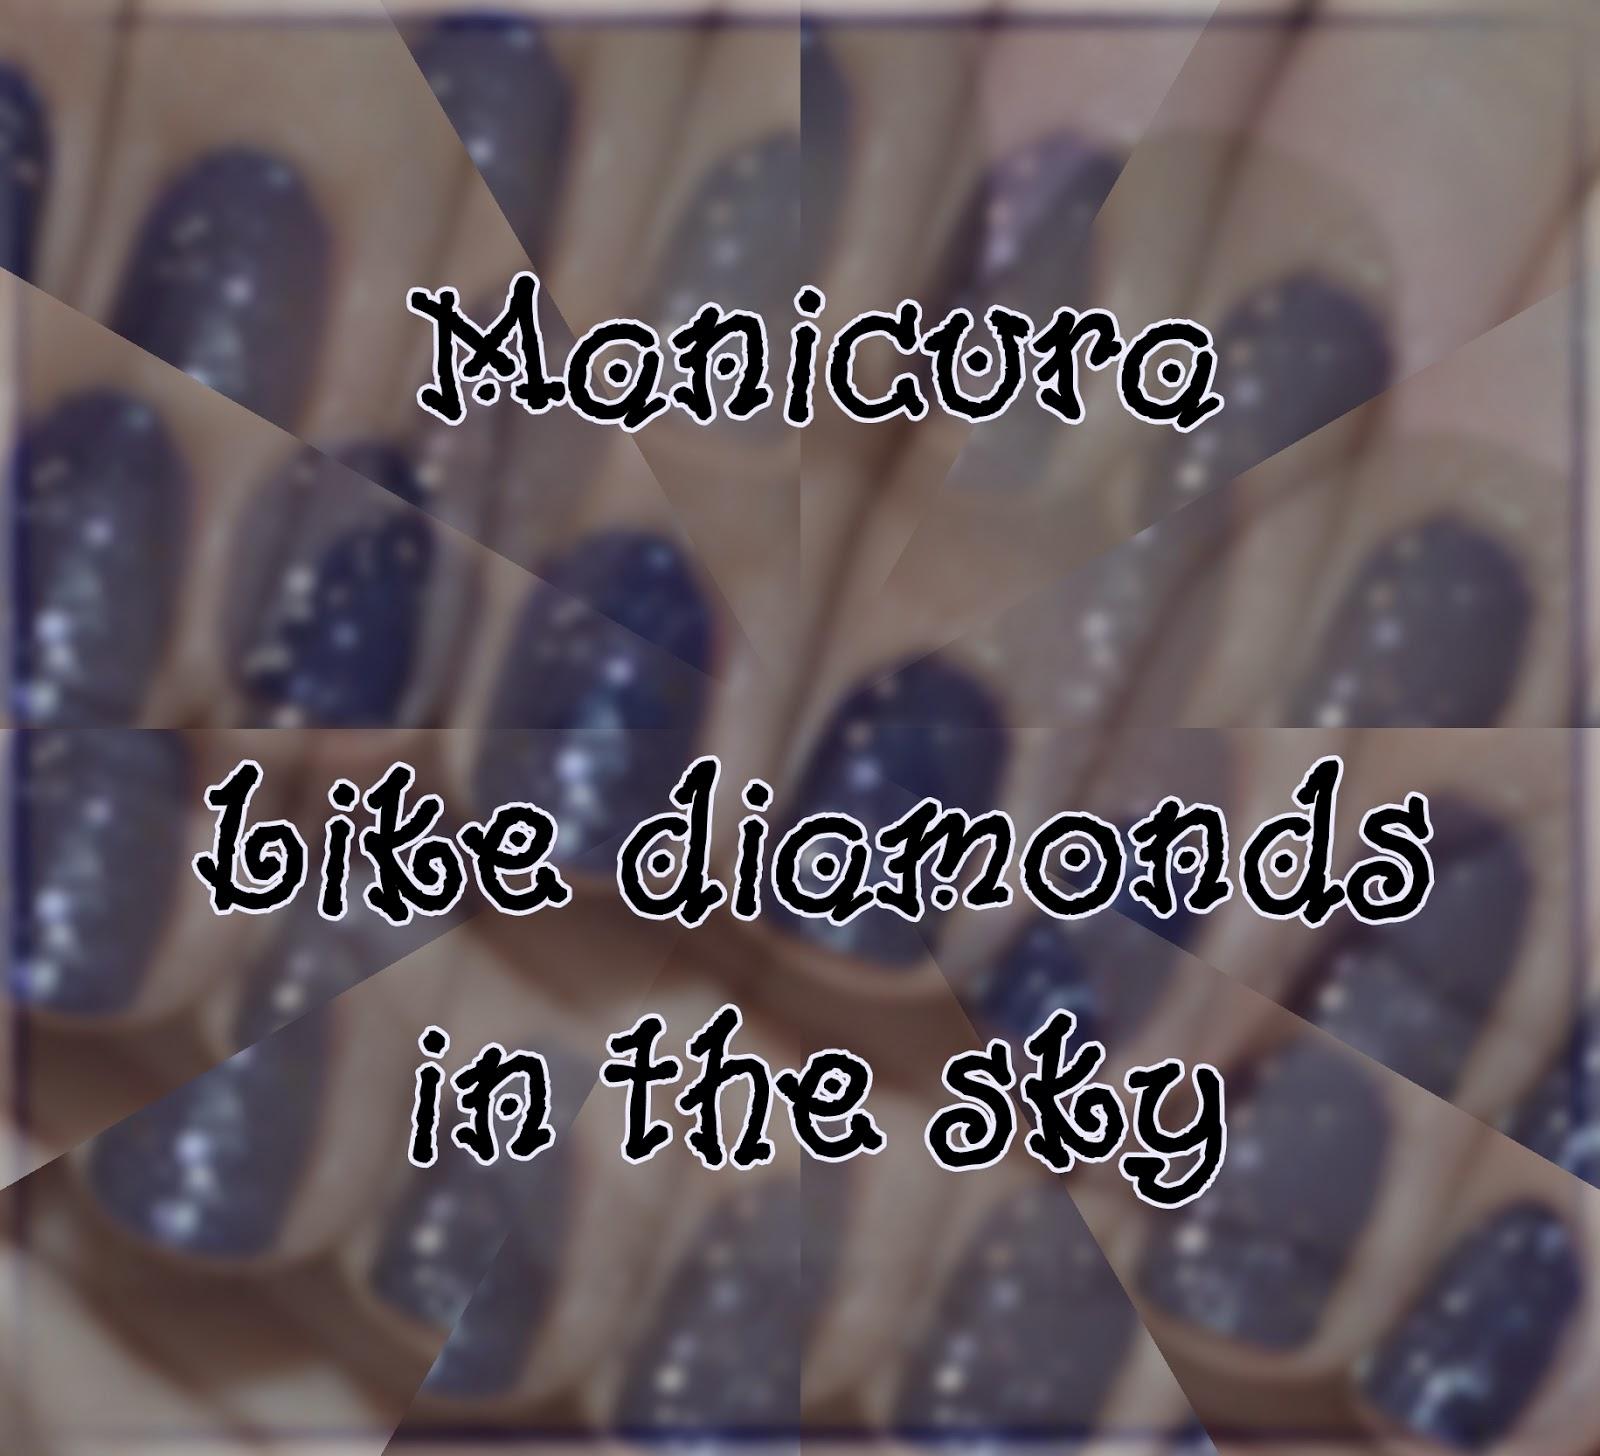 Manicura Like diamonds in the sky